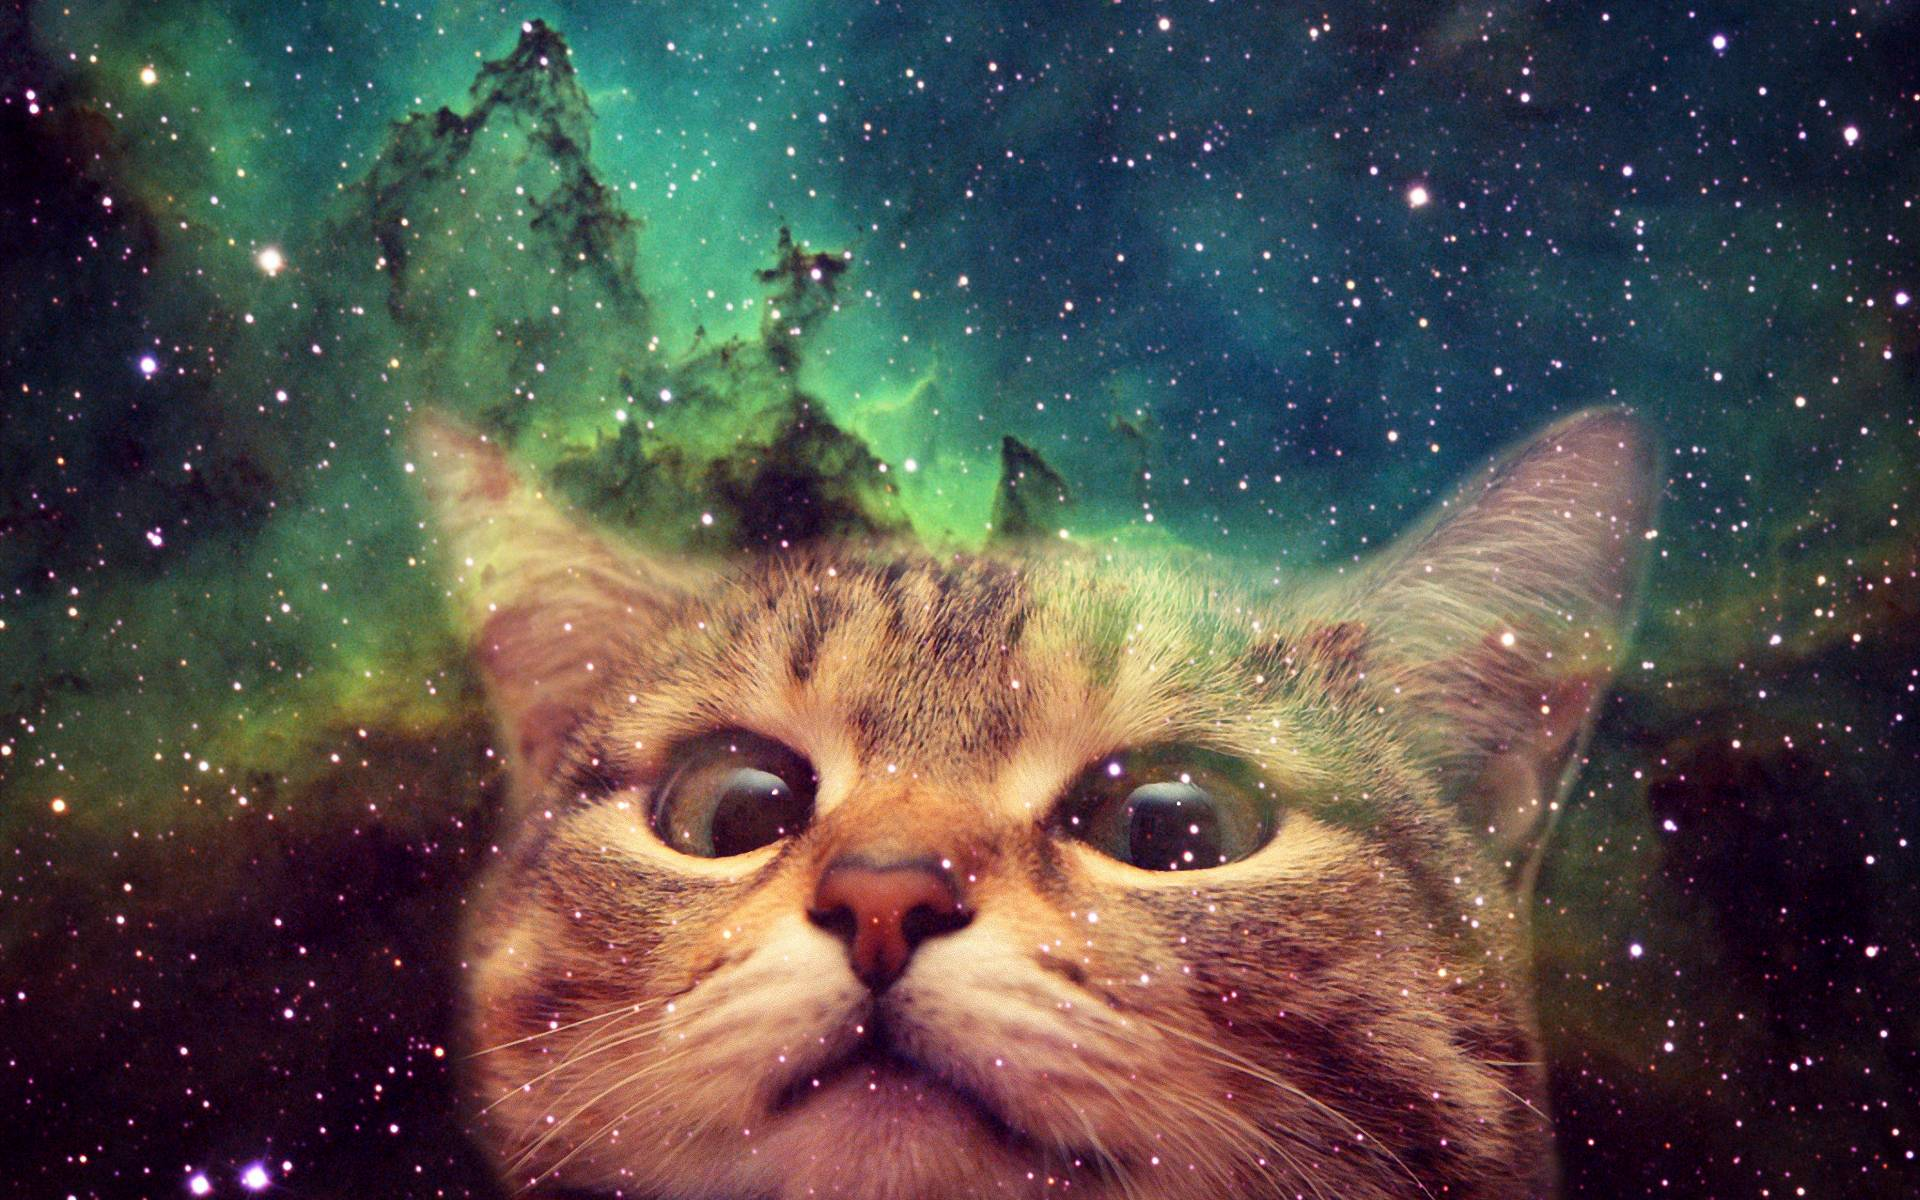 Space Cat Wallpaper Sf Wallpaper